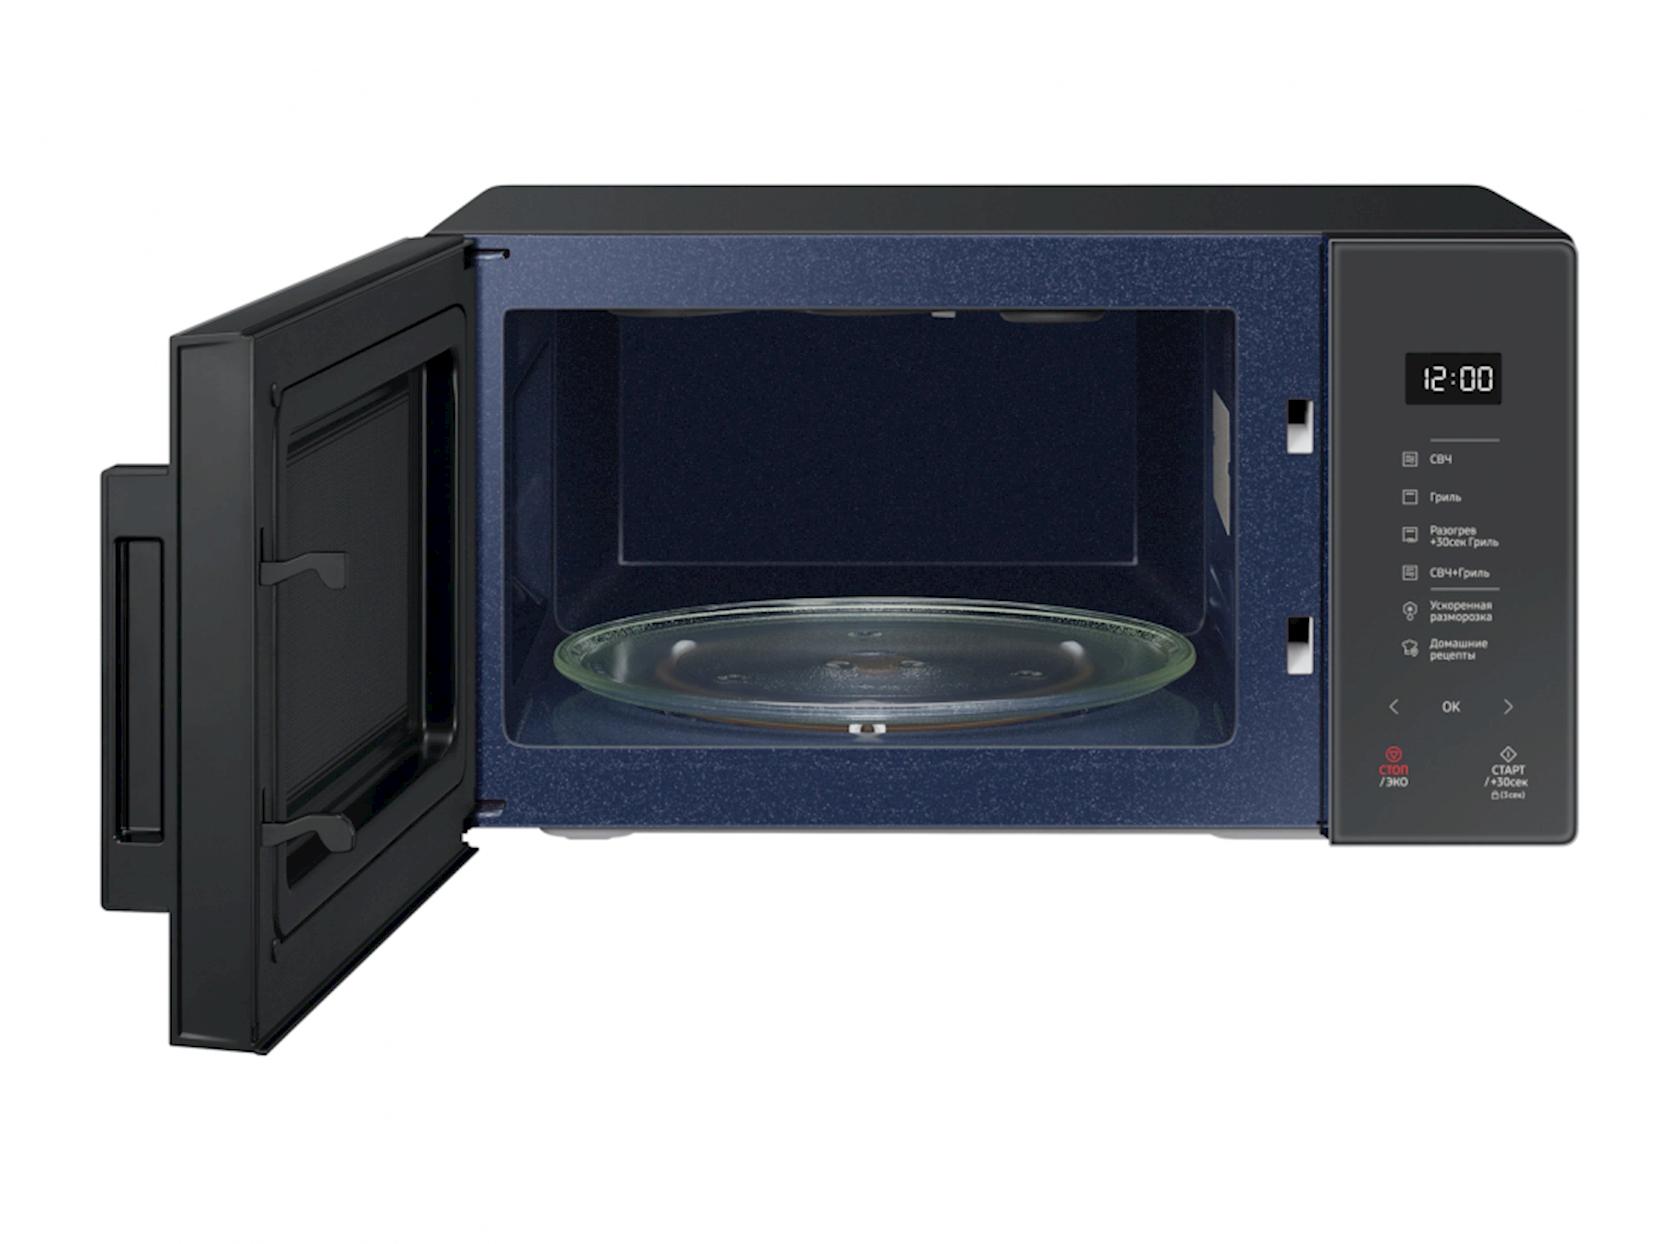 Микроволновая печь с грилем Samsung MG23T5018AC/BW